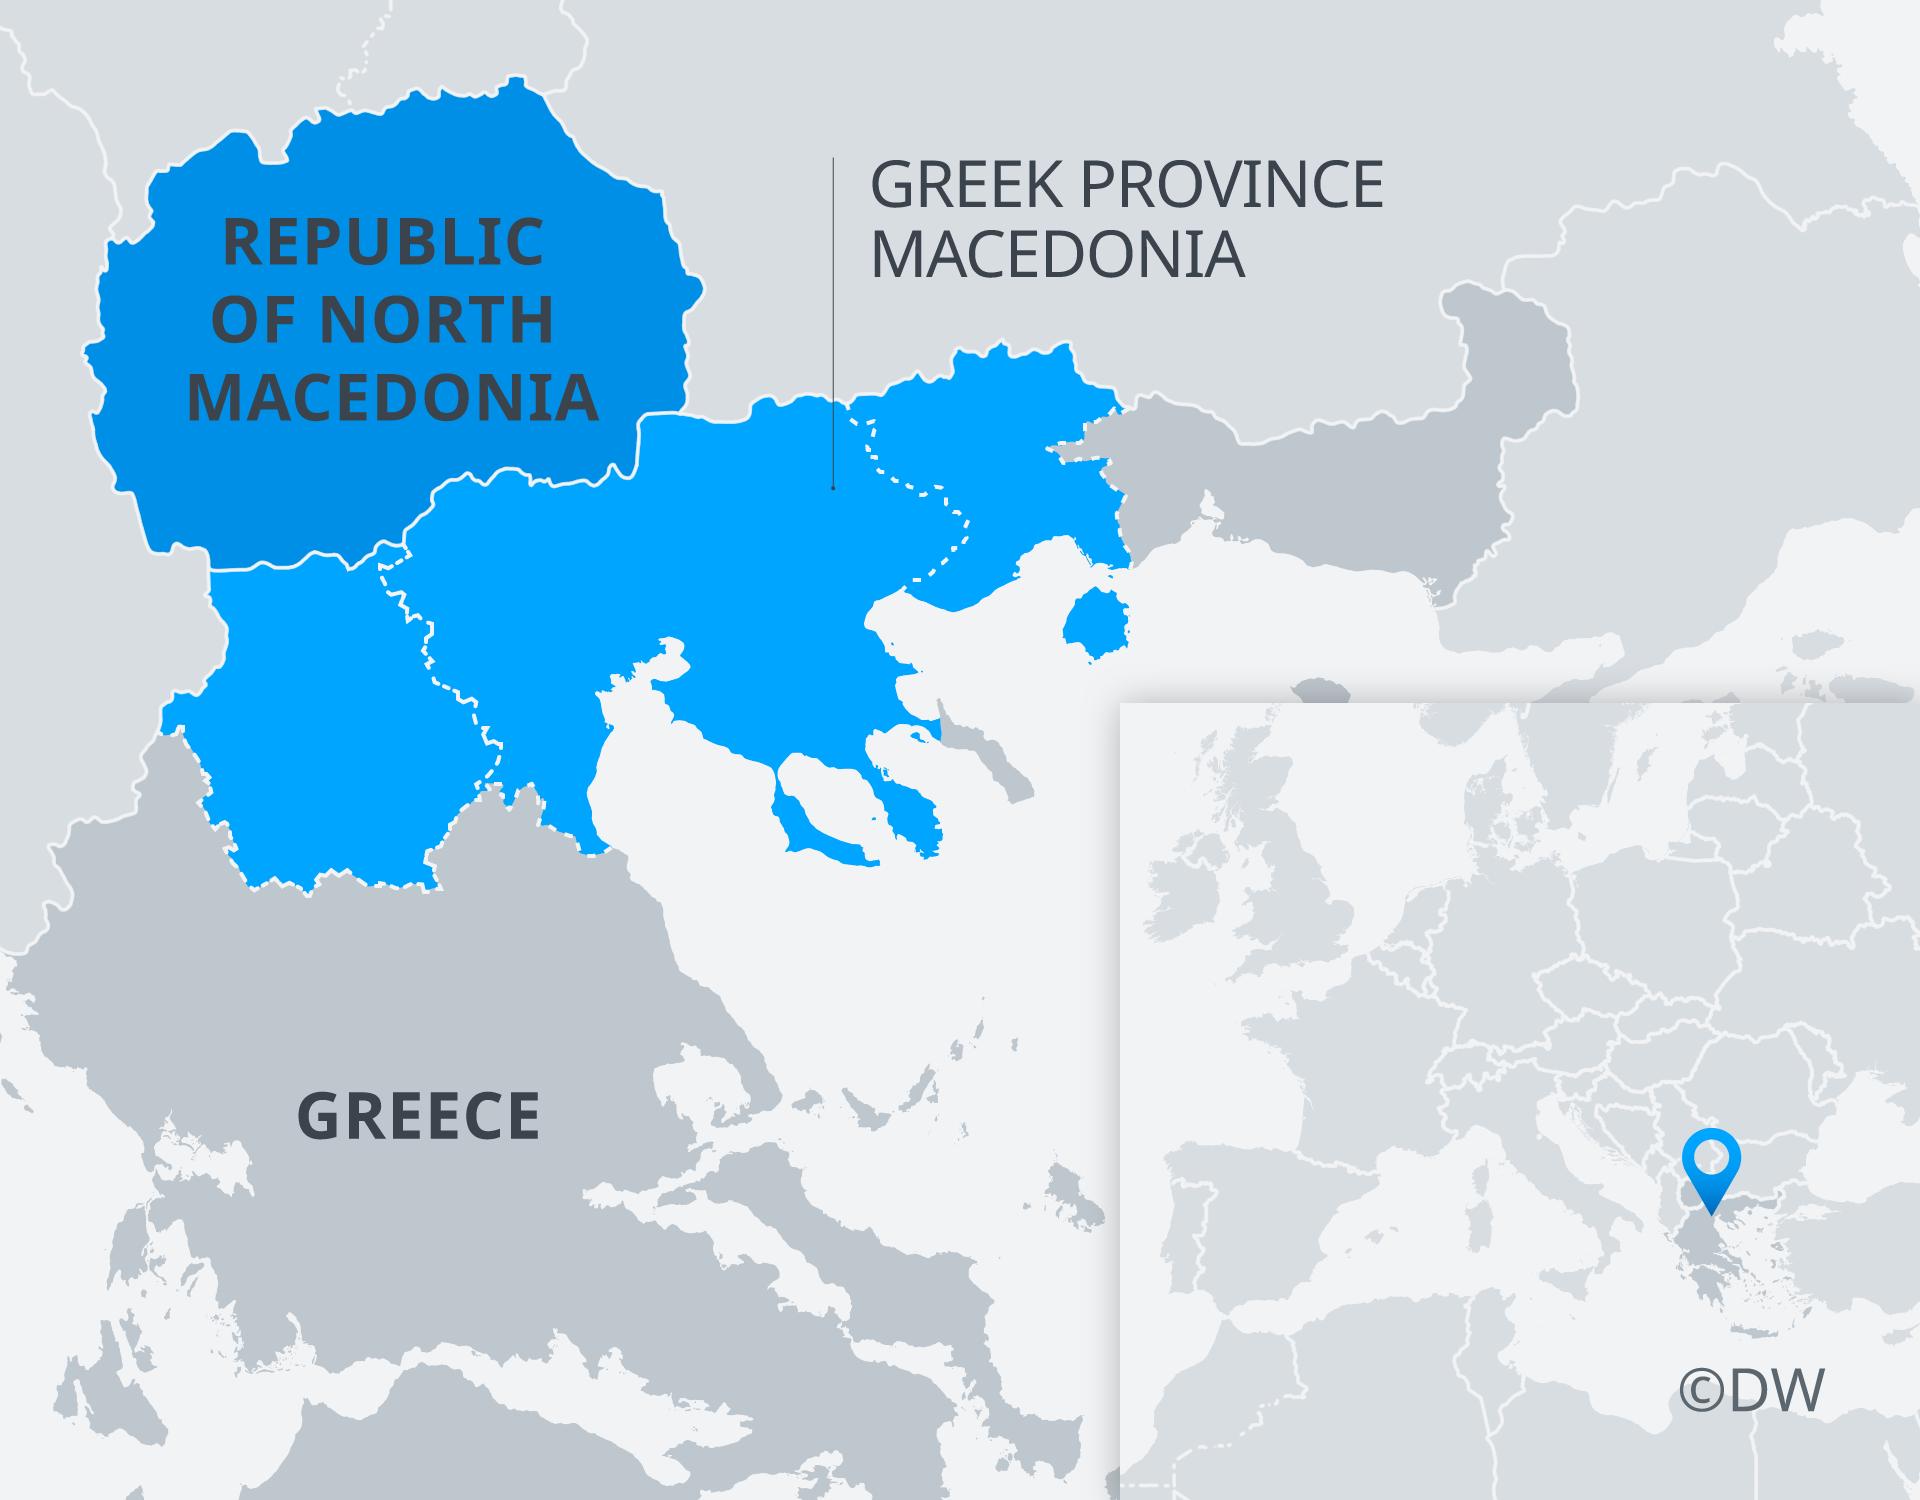 Karte Land und Provinz Mazedonien EN